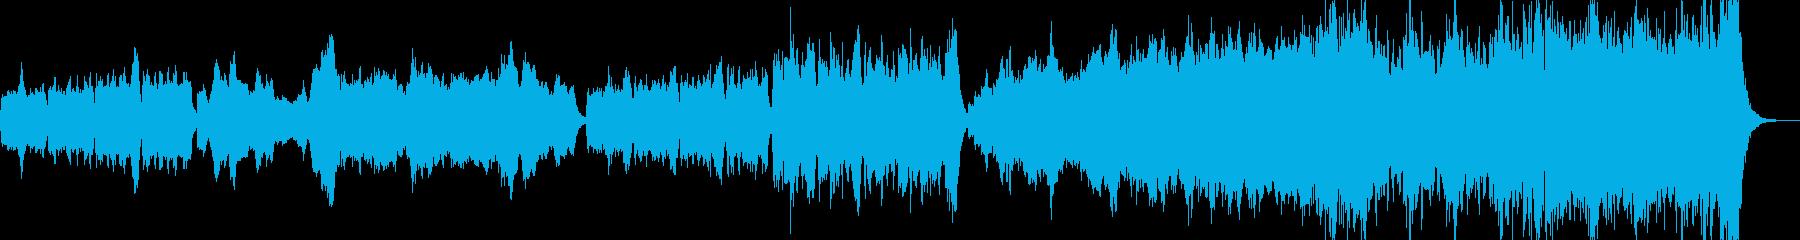 現代的 交響曲 クラシック ロマン...の再生済みの波形